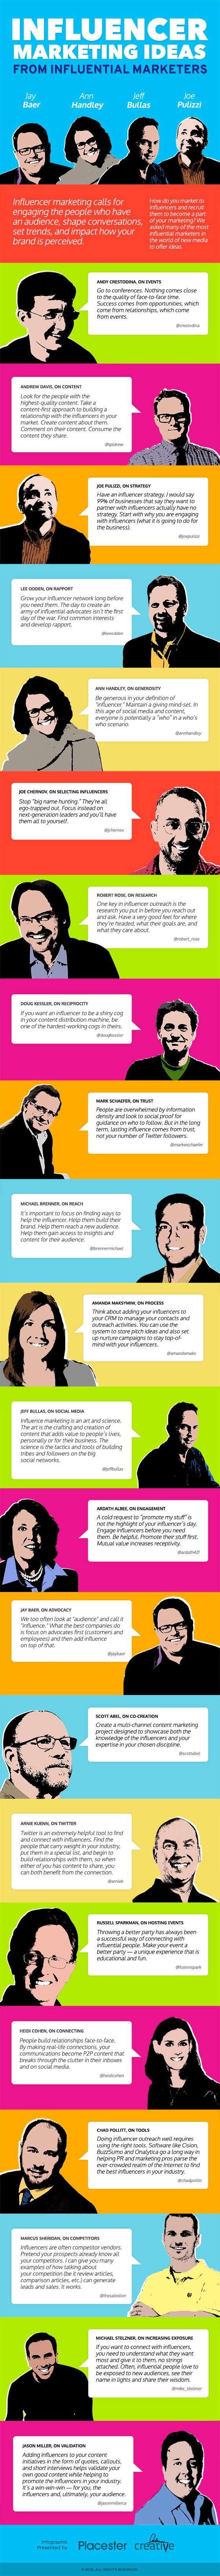 Twenty-Two Influencer Marketing Tips